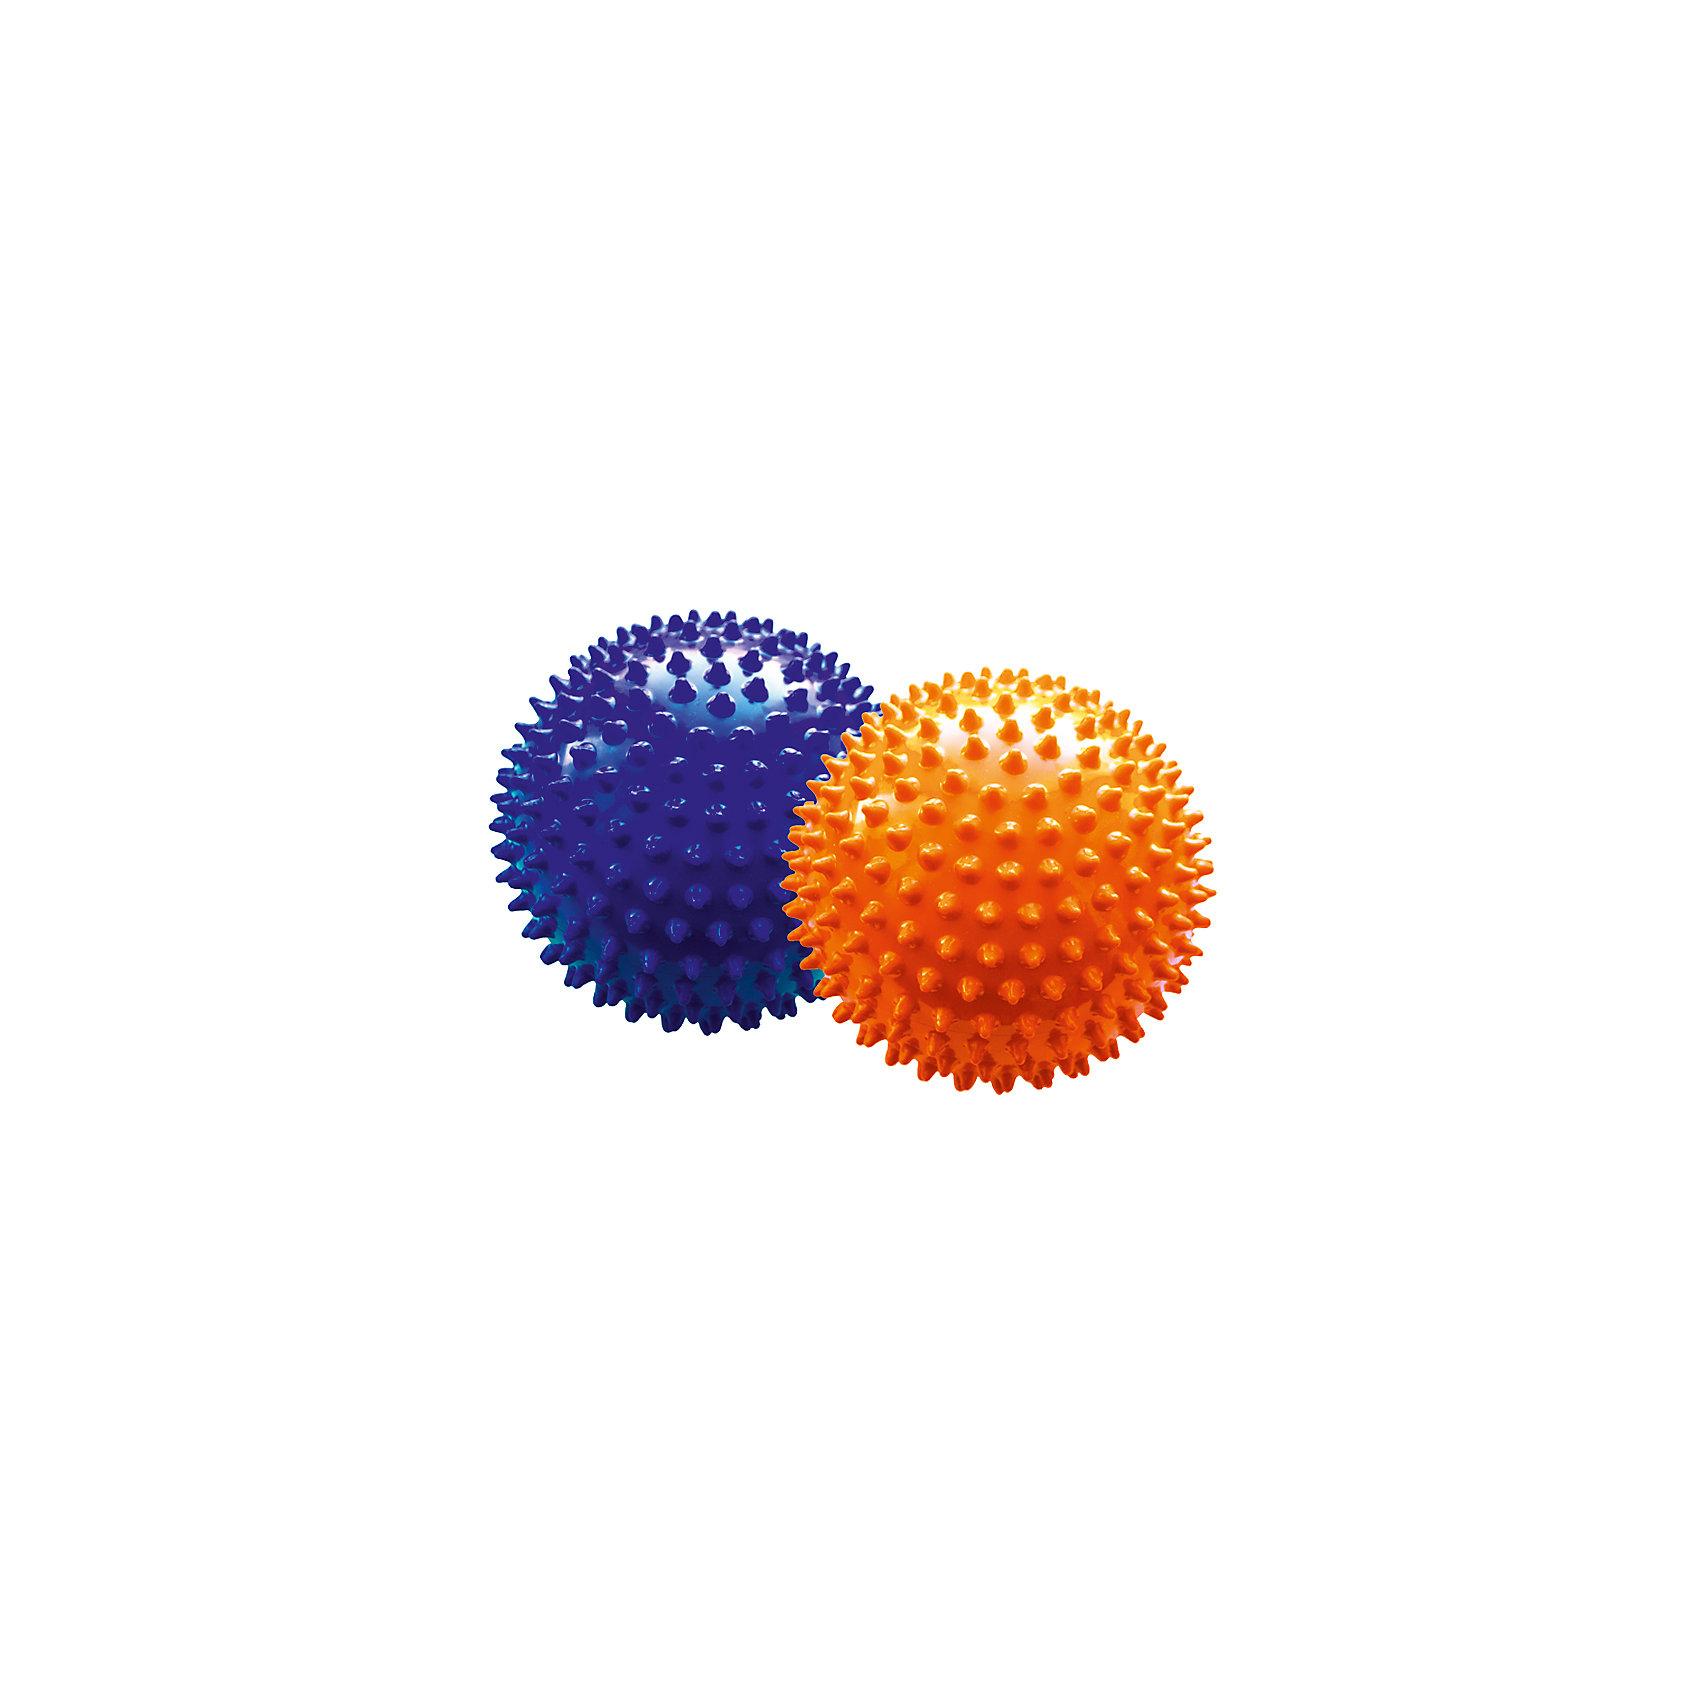 Набор мячей ёжиков, оранжевый и синий, 12 см, МалышОКМячи детские<br>Характеристики товара:<br><br>• в комплекте: 2 мяча;<br>• диаметр мяча: 12 см;<br>• материал: ПВХ;<br>• цвет: оранжевый, синий;<br>• возраст: от 0 месяцев;<br>• размер упаковки: 13х13х26 см;<br>• вес: 150 грамм;<br>• страна бренда: Россия.<br><br>Набор мячей ёжиков предназначен для игр или массажа. Мячи подходят для использования в воде. В комплект входят 2 мяча диаметром 12 сантиметров.<br><br>Во время игры развиваются тактильные навыки, цветовое восприятие, координация движений и моторика рук. Мягкие шипы бережно массируют кожу малыша, улучшая кровоток, что благотворно влияет на развитие нервной системы и мускулатуры.<br><br>Мячи изготовлены из гипоаллергенных материалов.<br><br>Набор мячей ёжиков, оранжевый и синий, 12 см, МалышОК можно купить в нашем интернет-магазине.<br><br>Ширина мм: 260<br>Глубина мм: 130<br>Высота мм: 130<br>Вес г: 150<br>Возраст от месяцев: 6<br>Возраст до месяцев: 2147483647<br>Пол: Унисекс<br>Возраст: Детский<br>SKU: 6894023